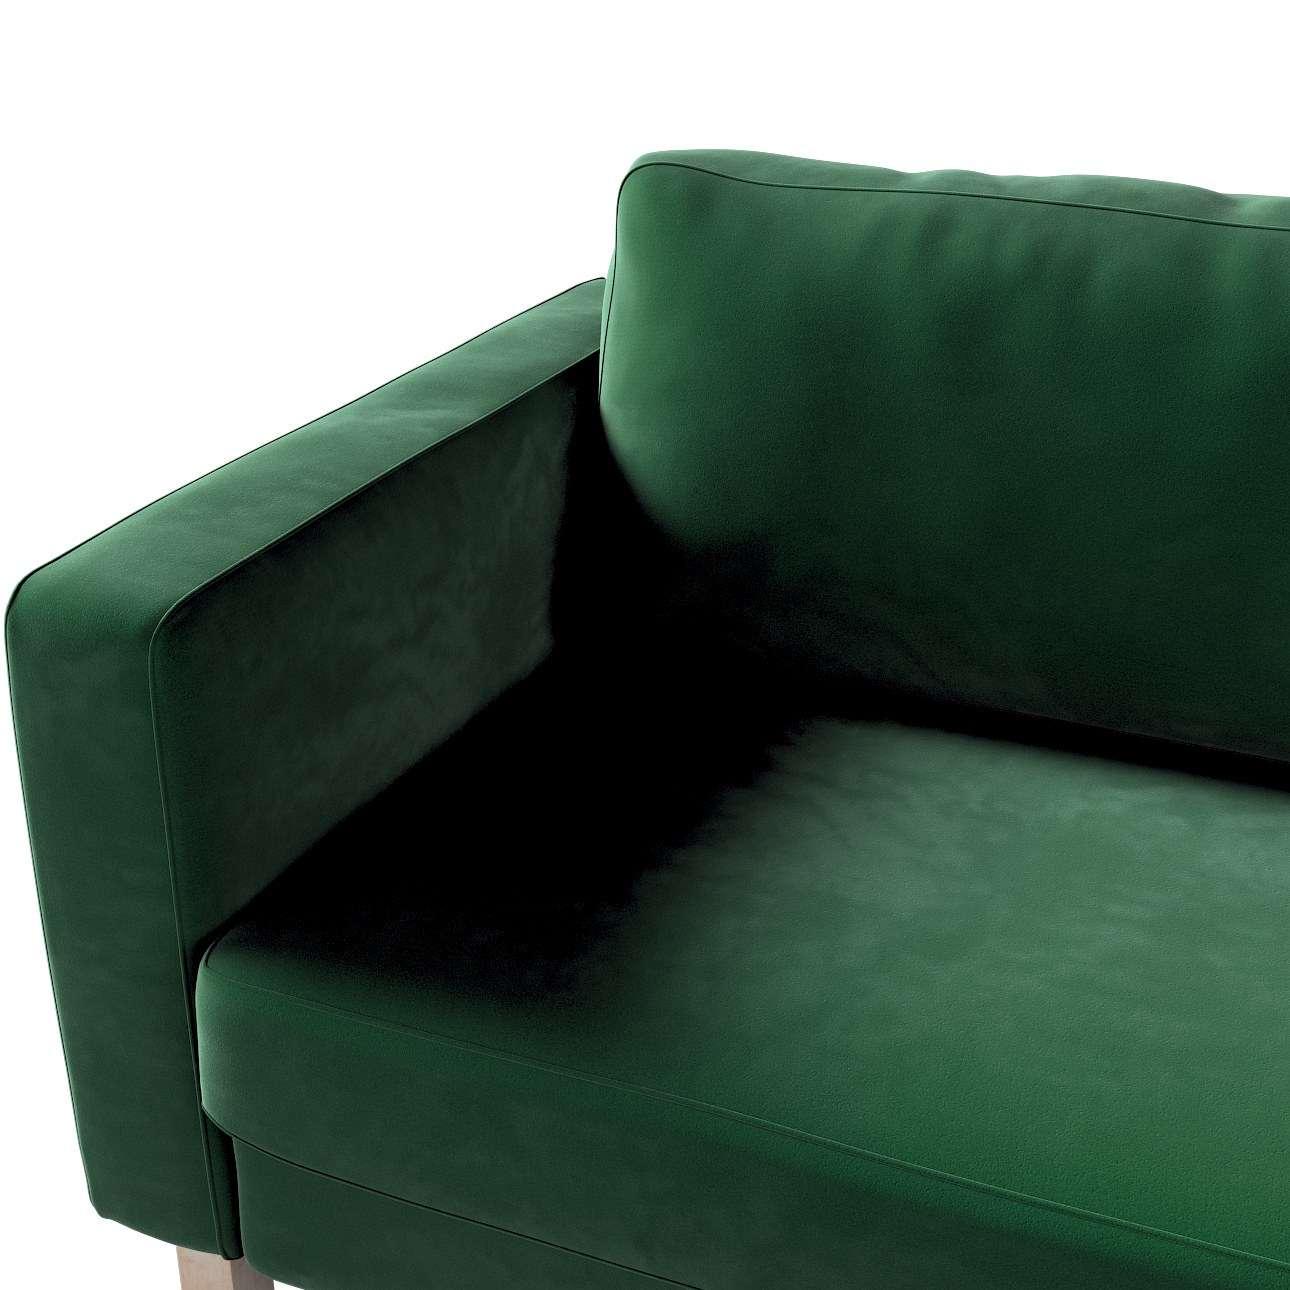 Karlstad 3-Sitzer Sofabezug nicht ausklappbar kurz von der Kollektion Velvet, Stoff: 704-13